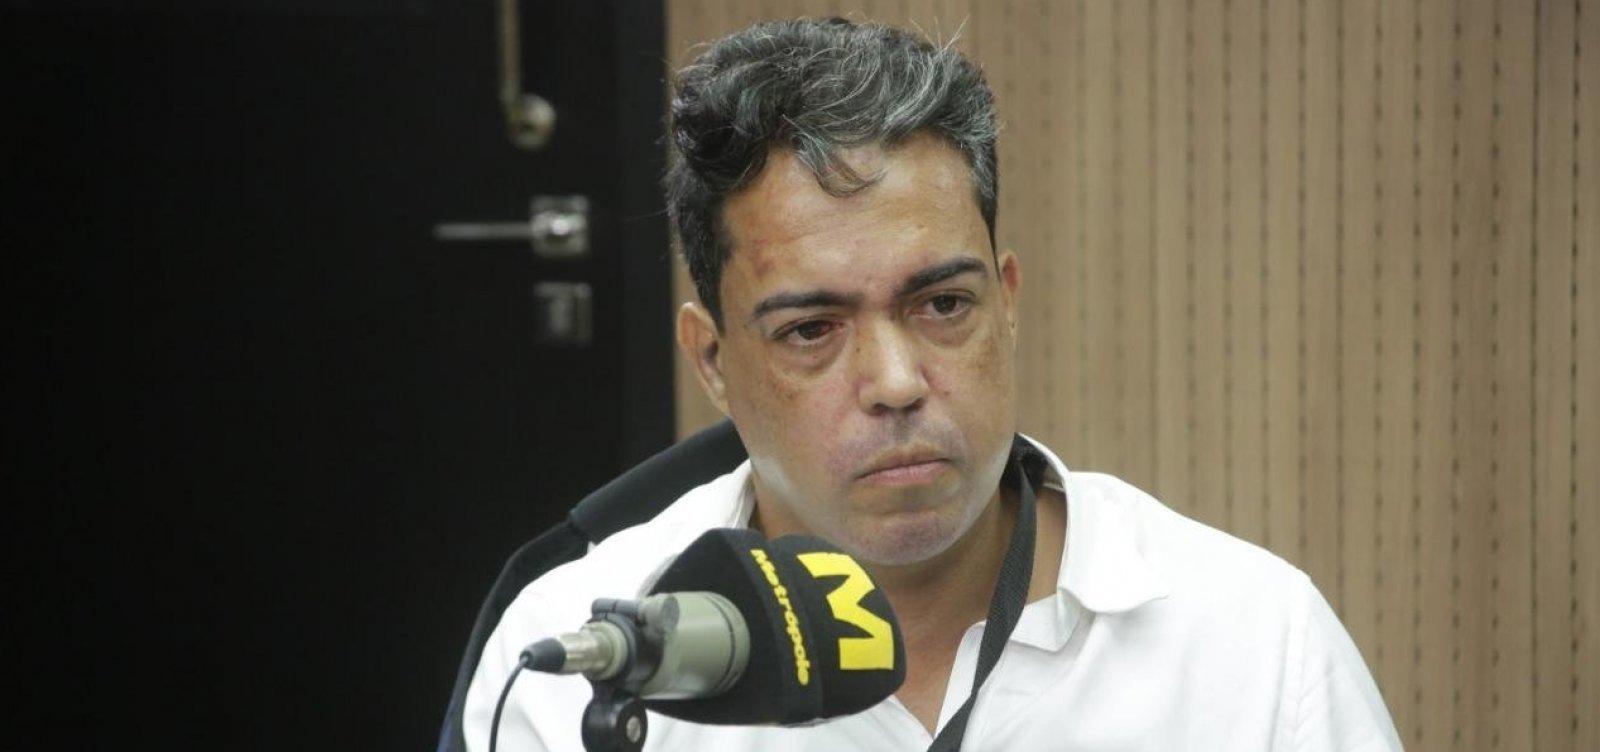 Justiça determina que primo de Marcell Moraes se afaste de suposta amante do parlamentar